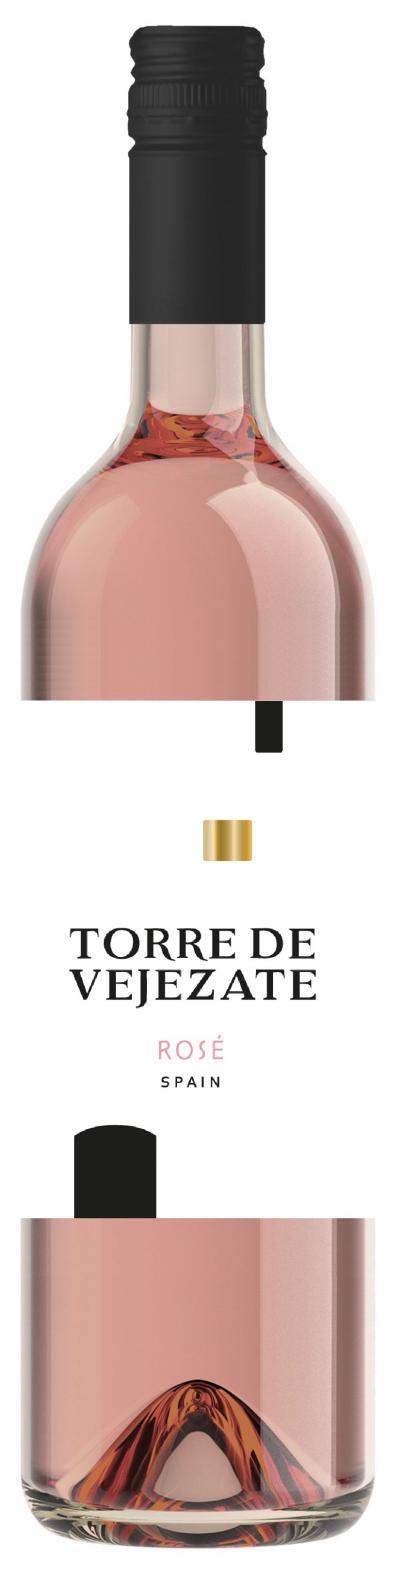 packshot Torre de Vejezate Rosé